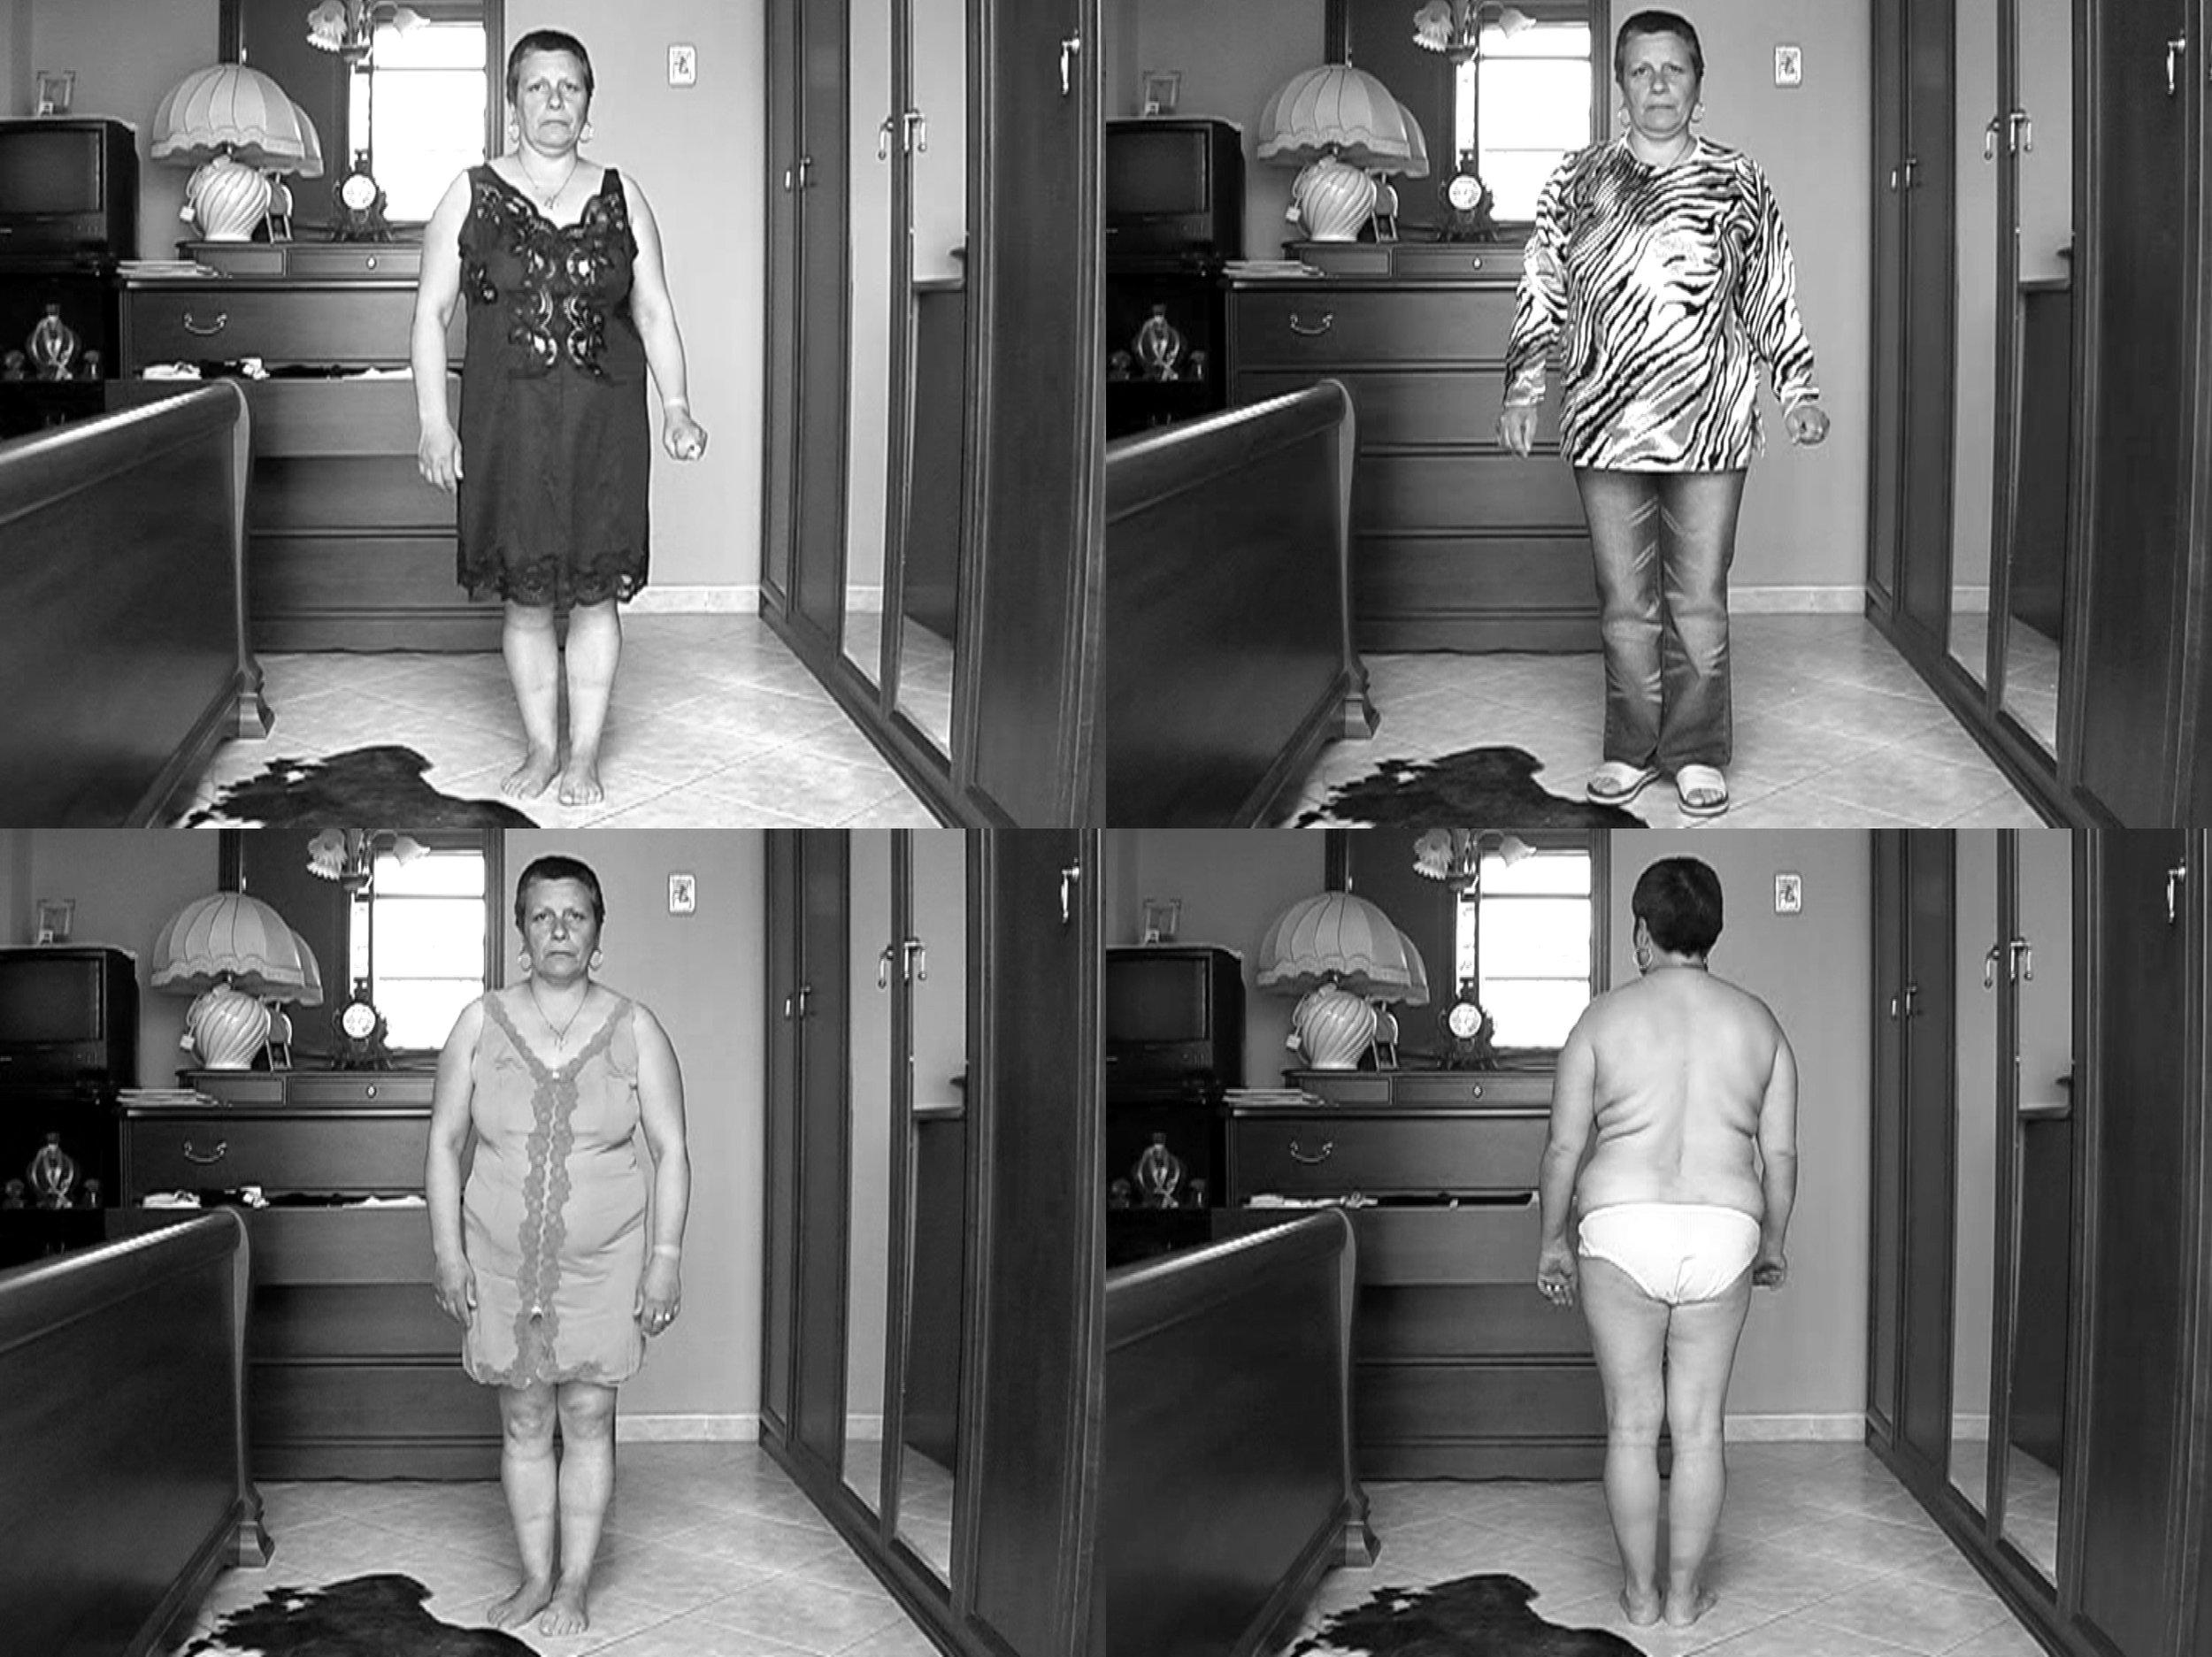 aas 20 collage.jpg